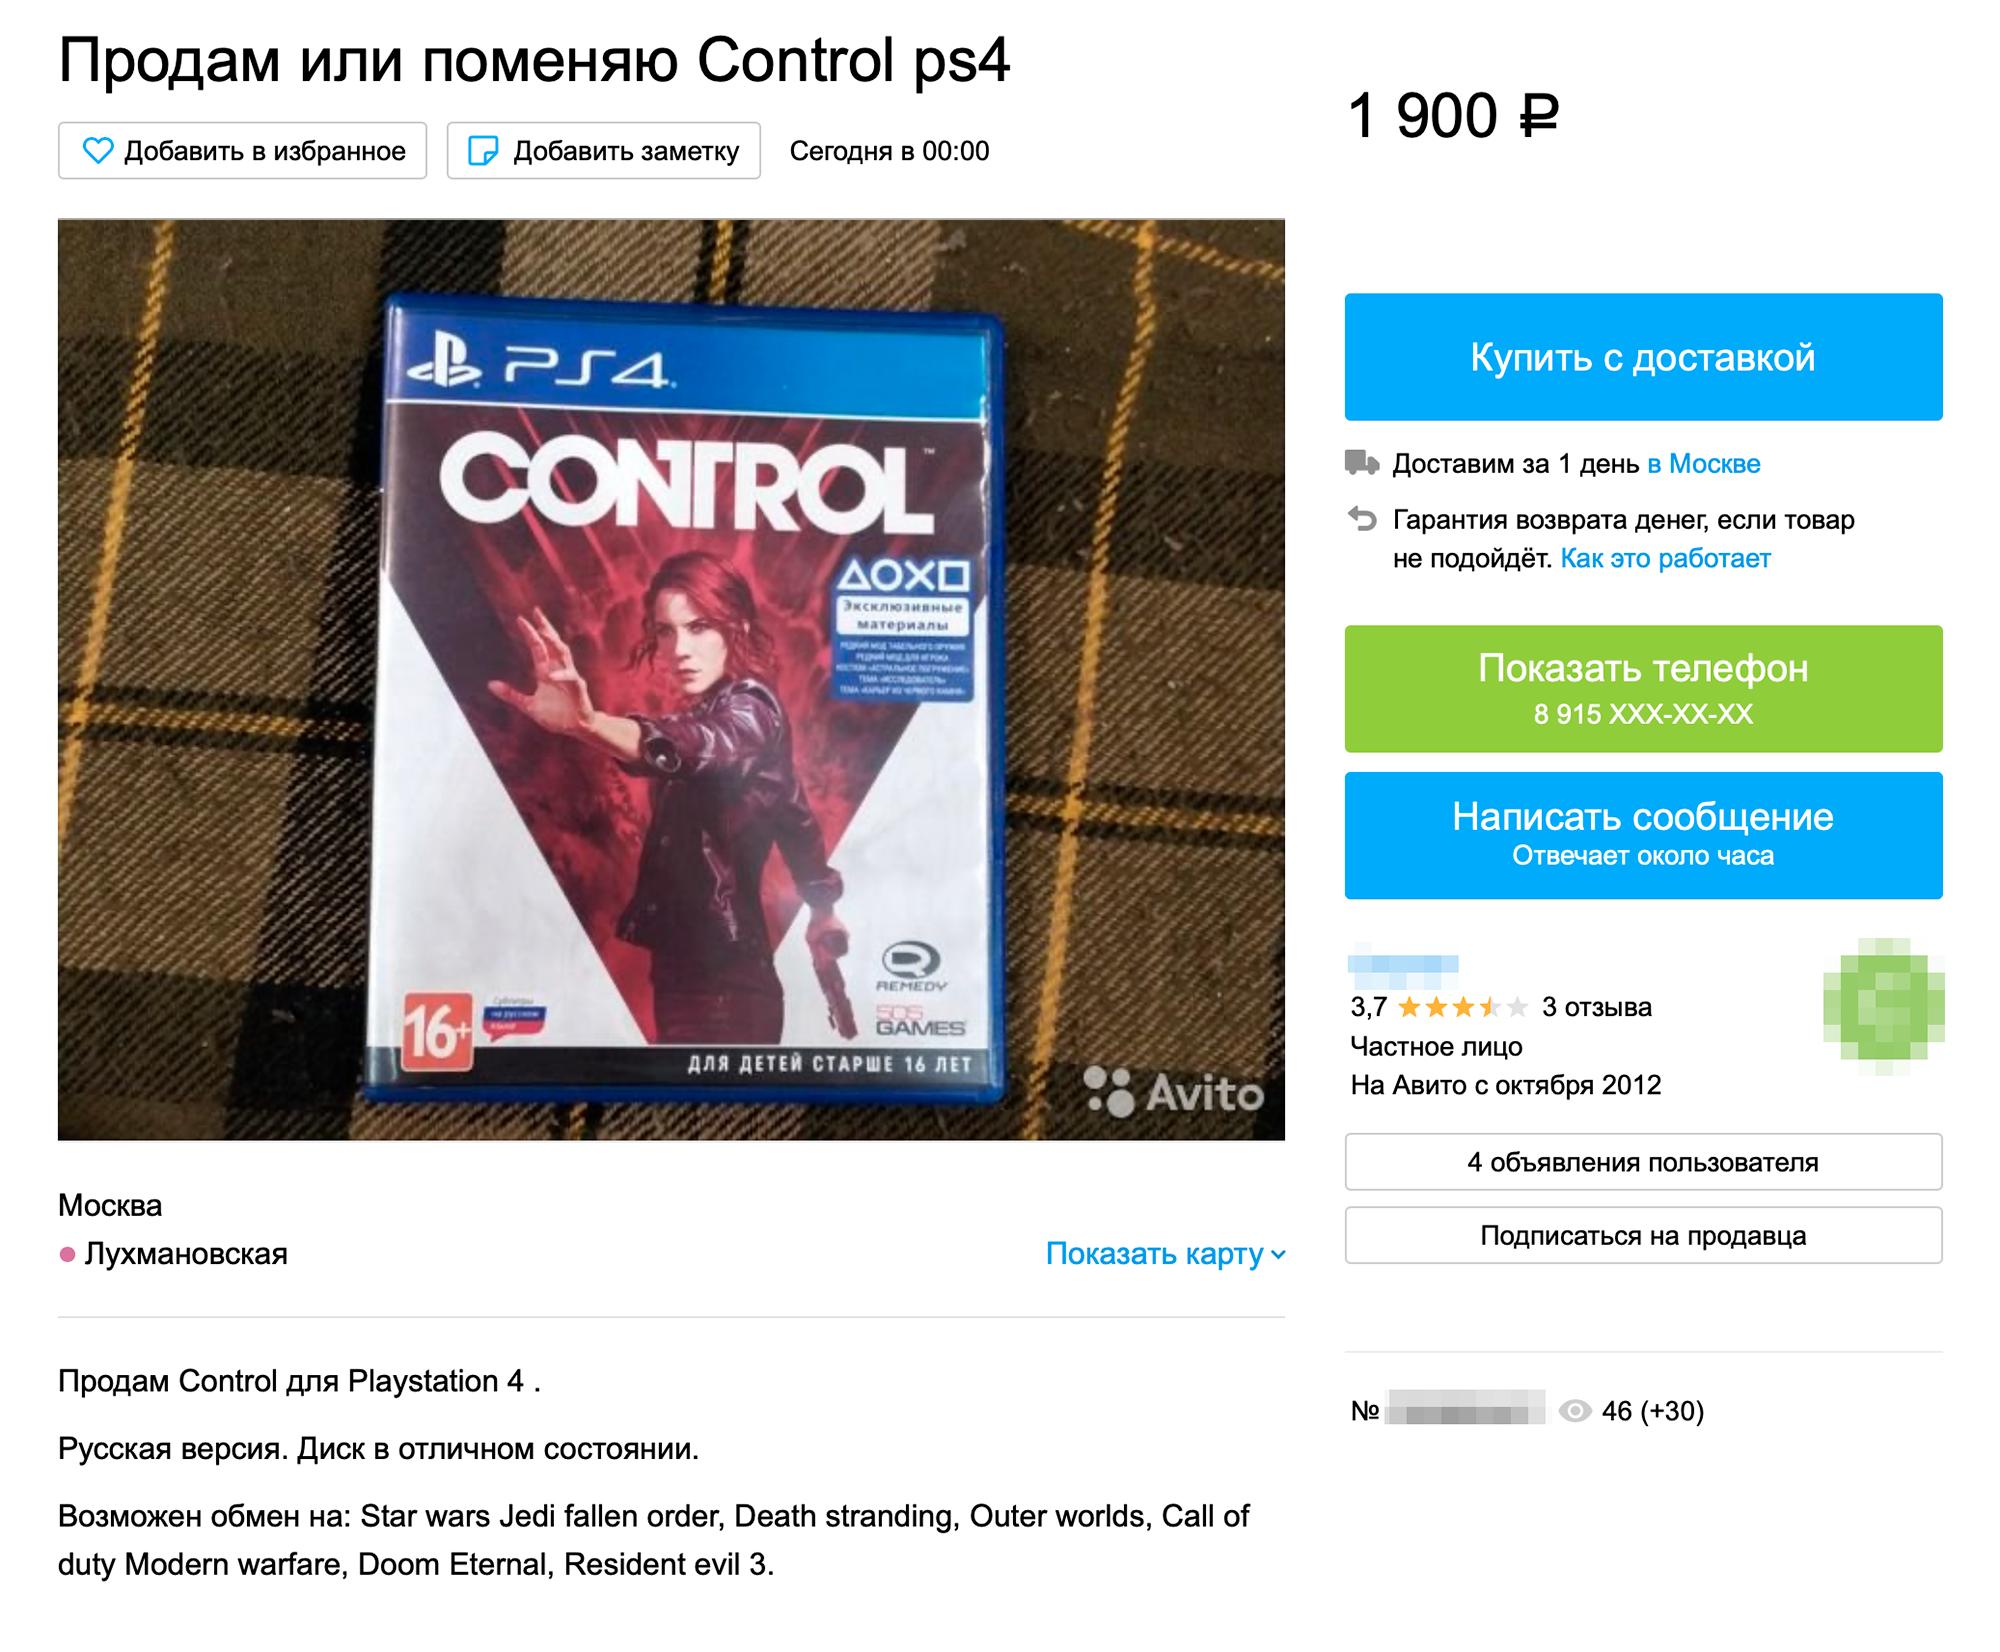 В магазине эта игра стоит в два раза дороже. Вам она может достаться бесплатно, если у вас есть диск, интересующий продавца, и вы готовы поменяться